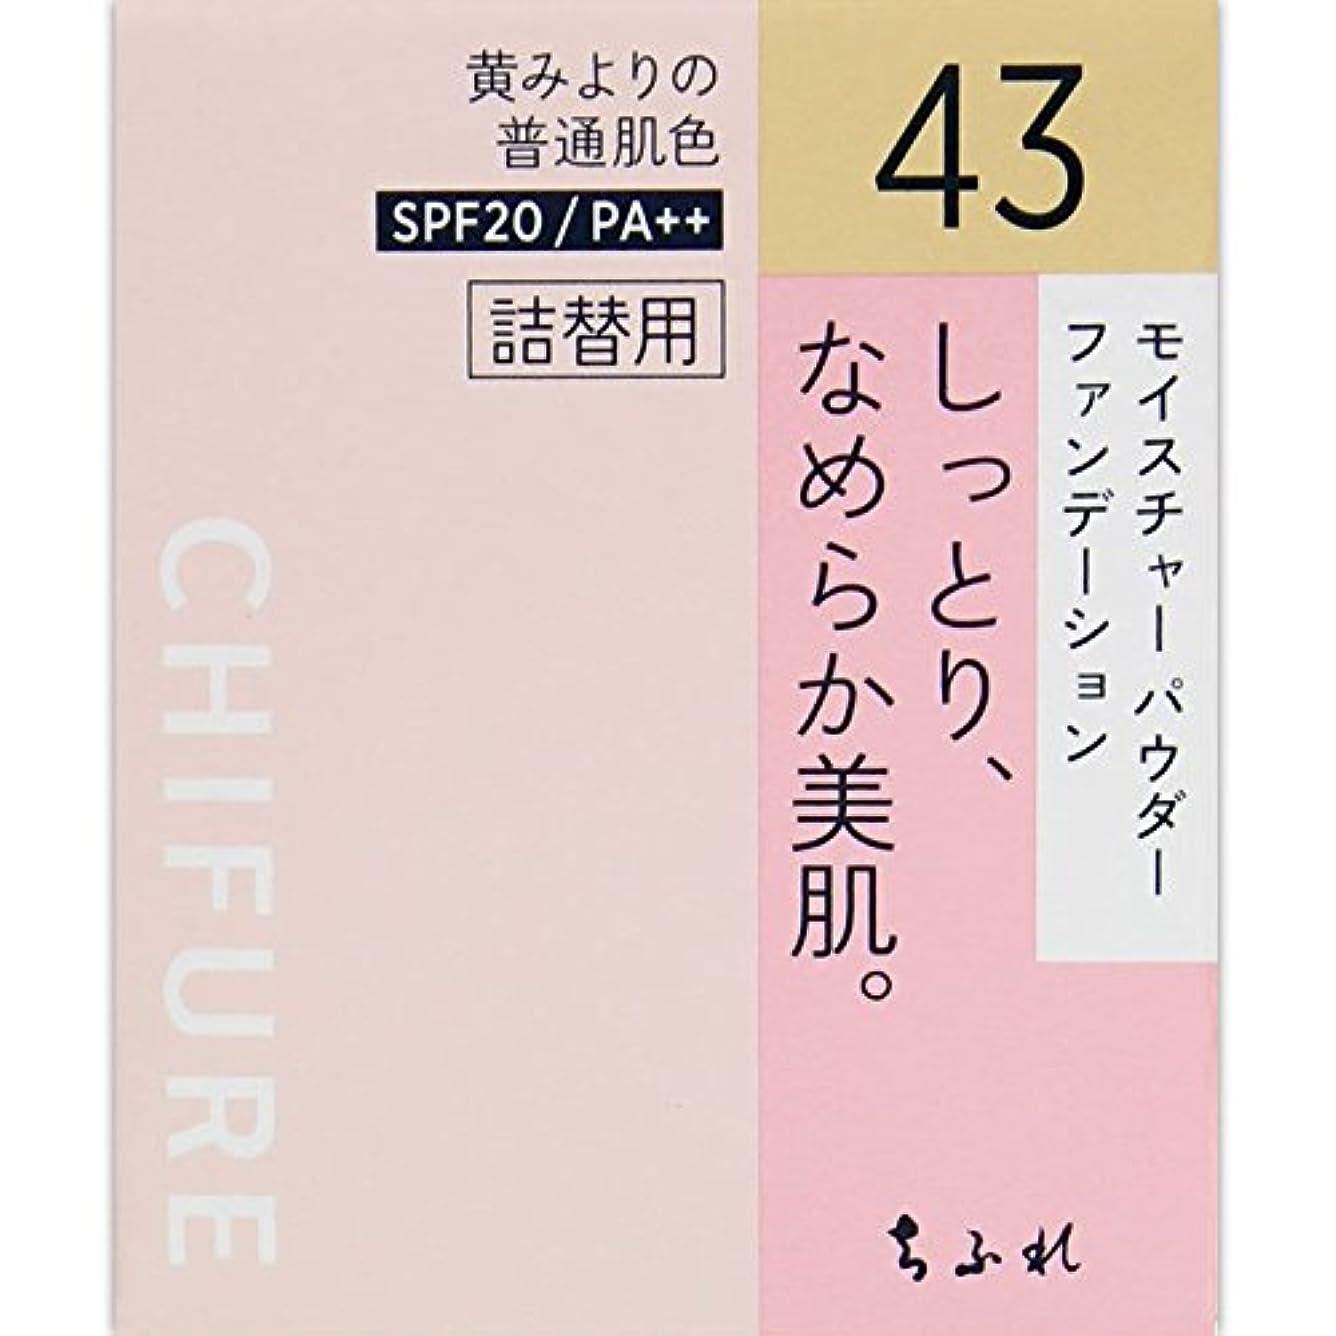 つまずくあざ巨大ちふれ化粧品 モイスチャー パウダーファンデーション 詰替用 イエローオークル系 43